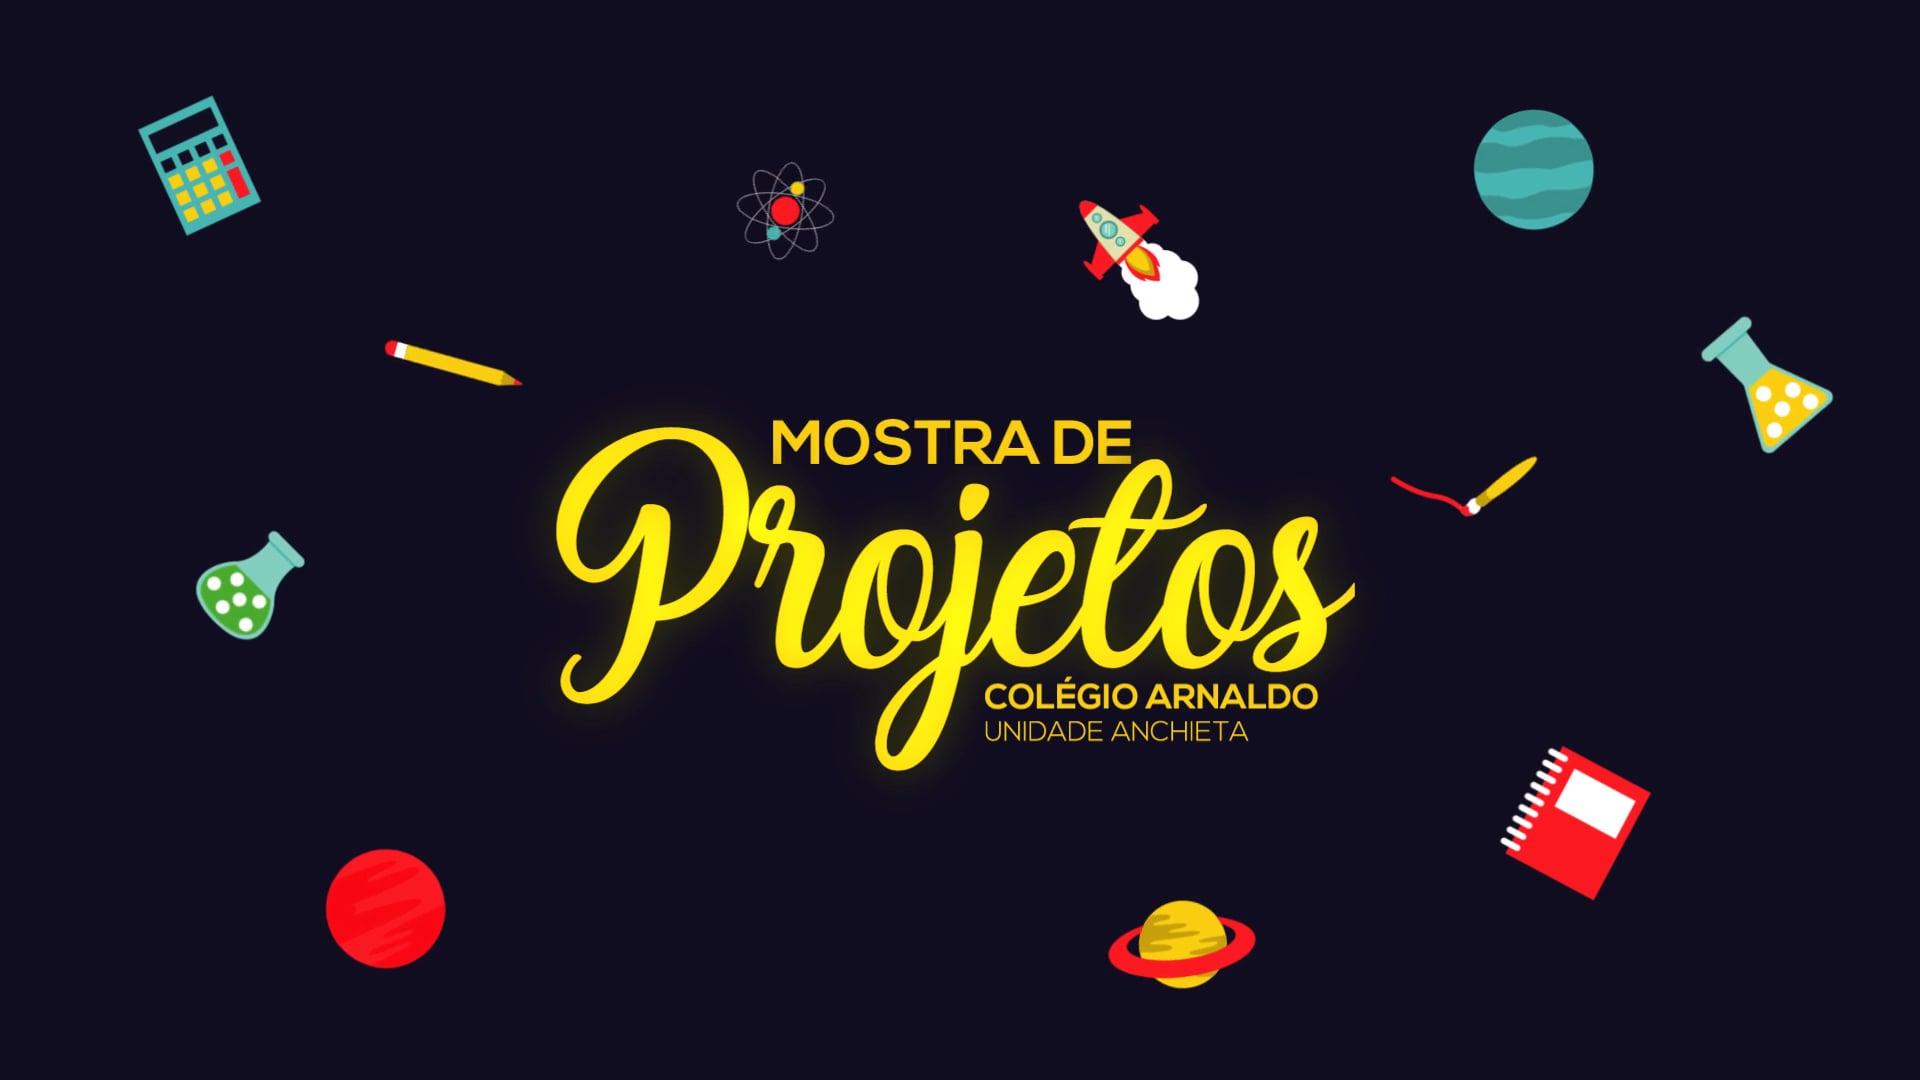 MOSTRA DE PROJETOS ARNALDO ANCHIETA 2019 (INTRODUÇÃO)